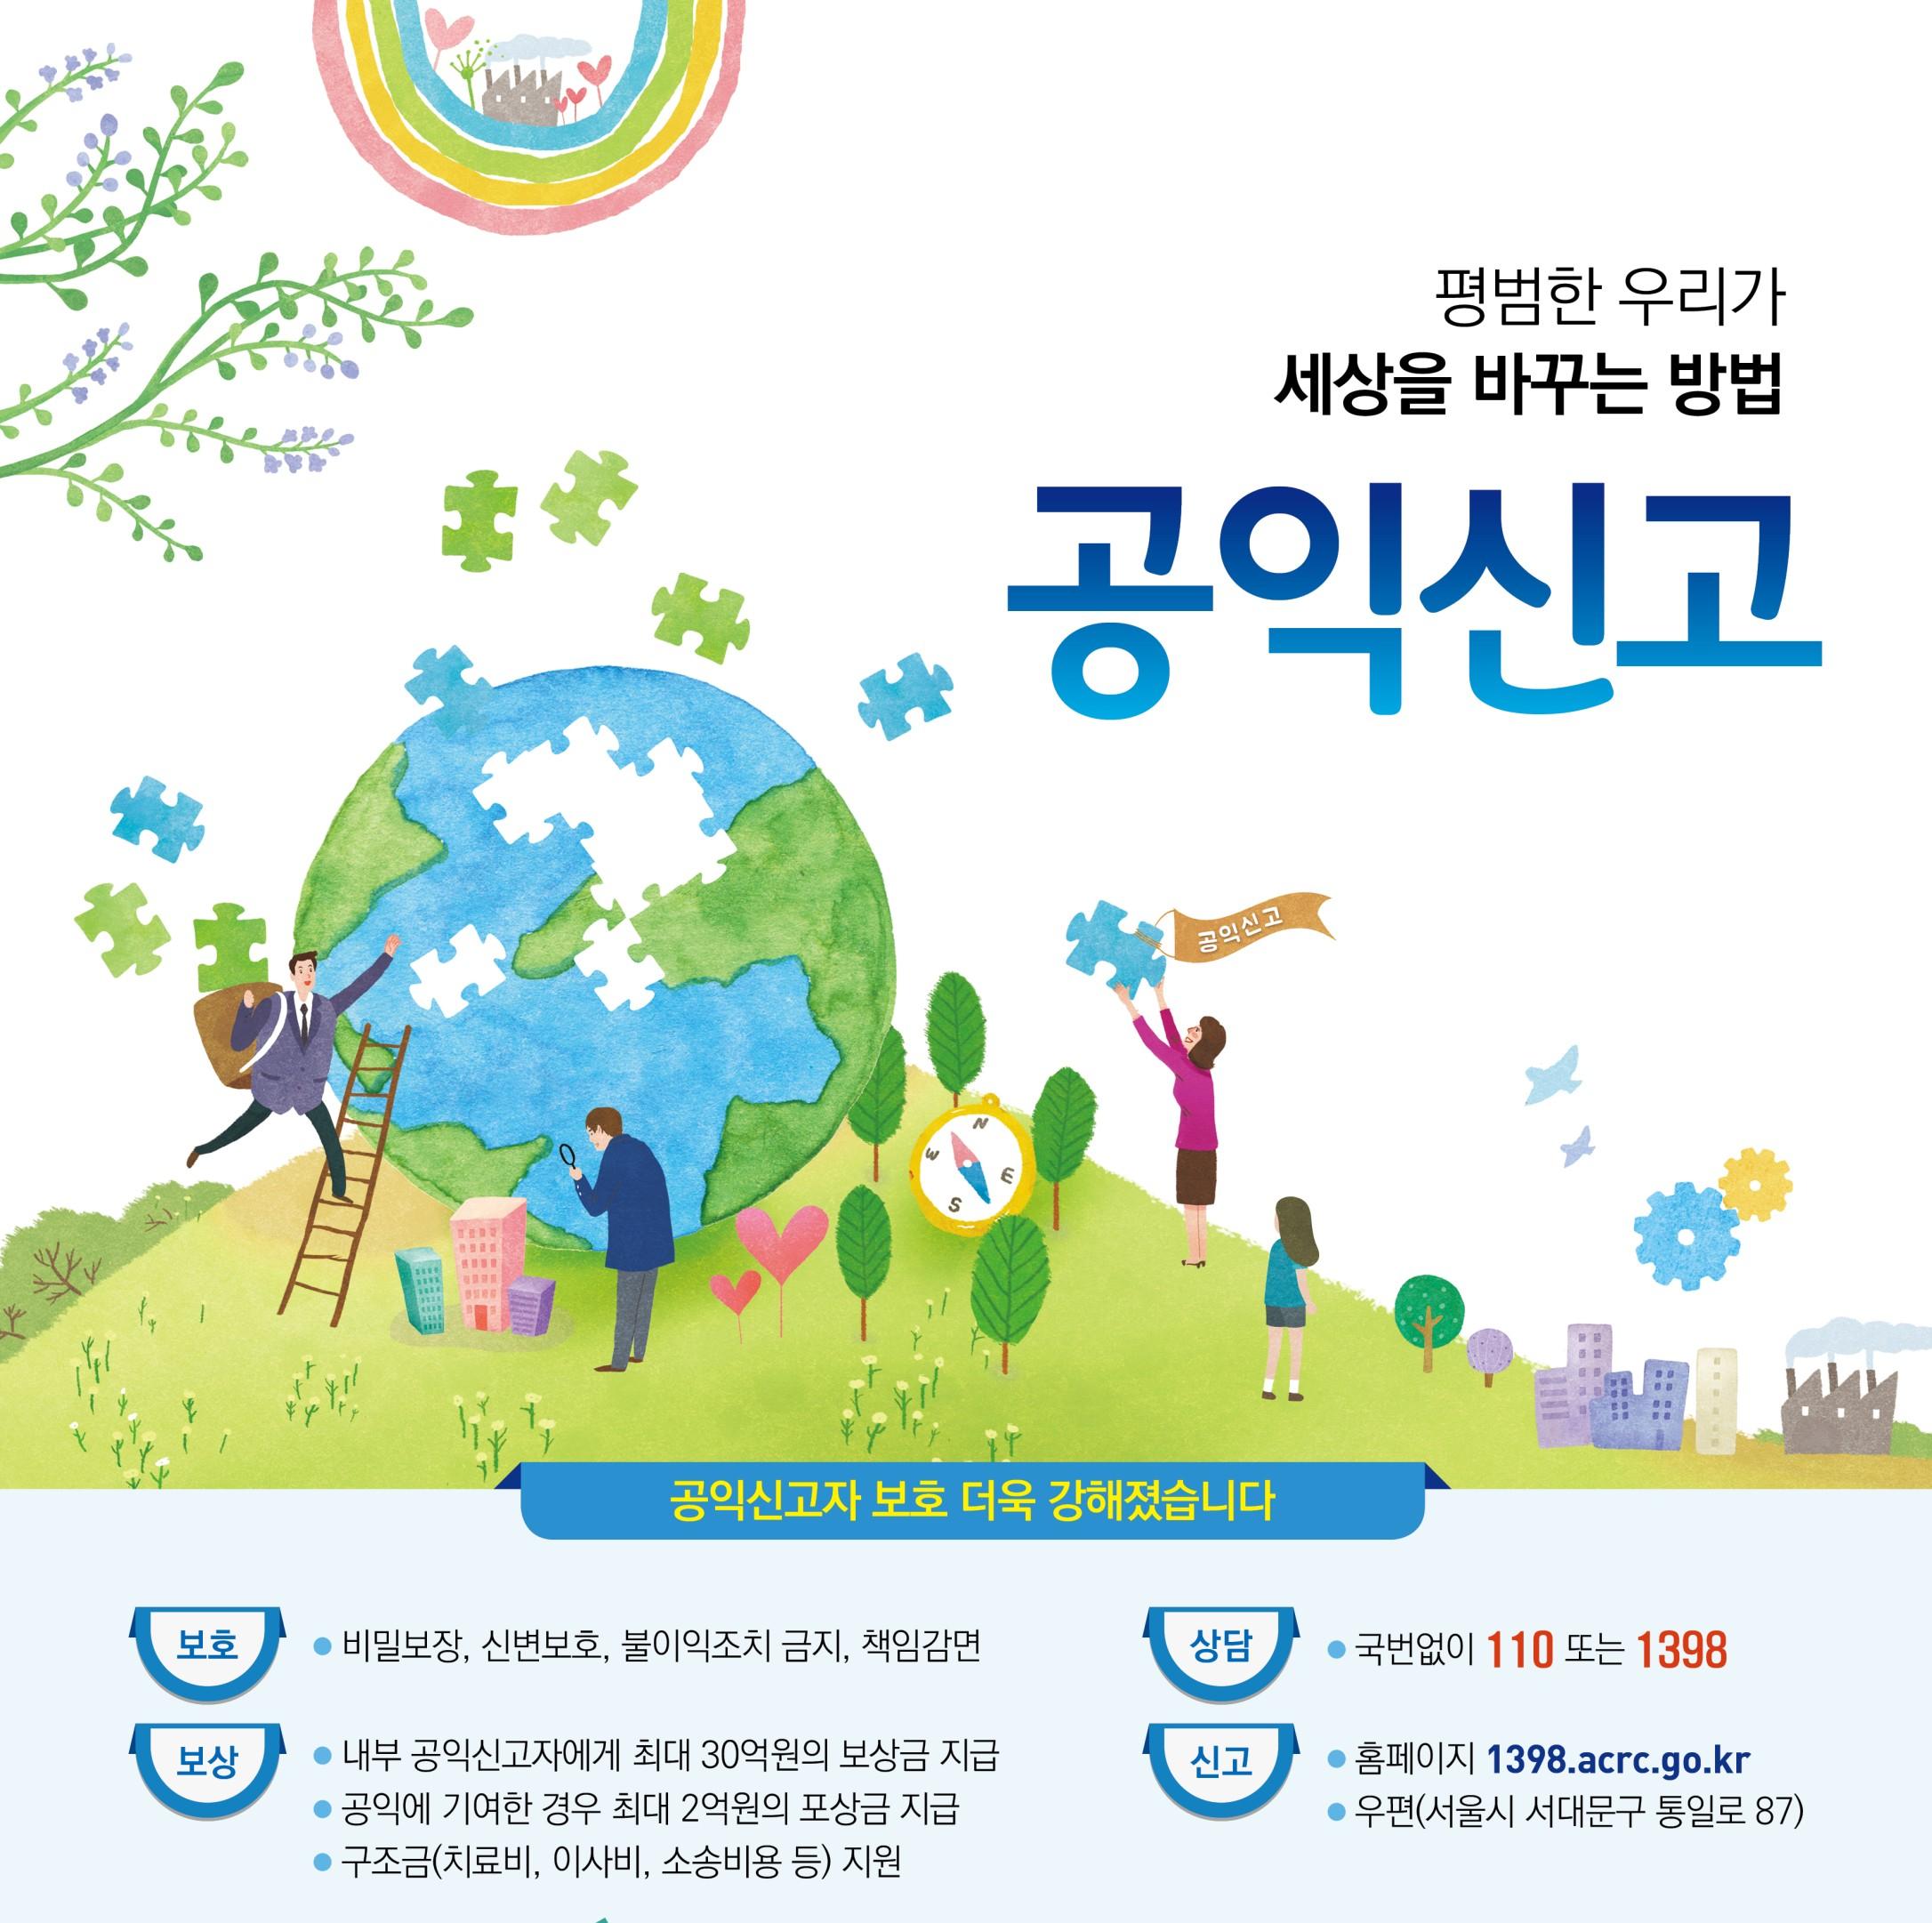 불법촬영·직장 내 성희롱 신고도 '공익신고자'로 보호